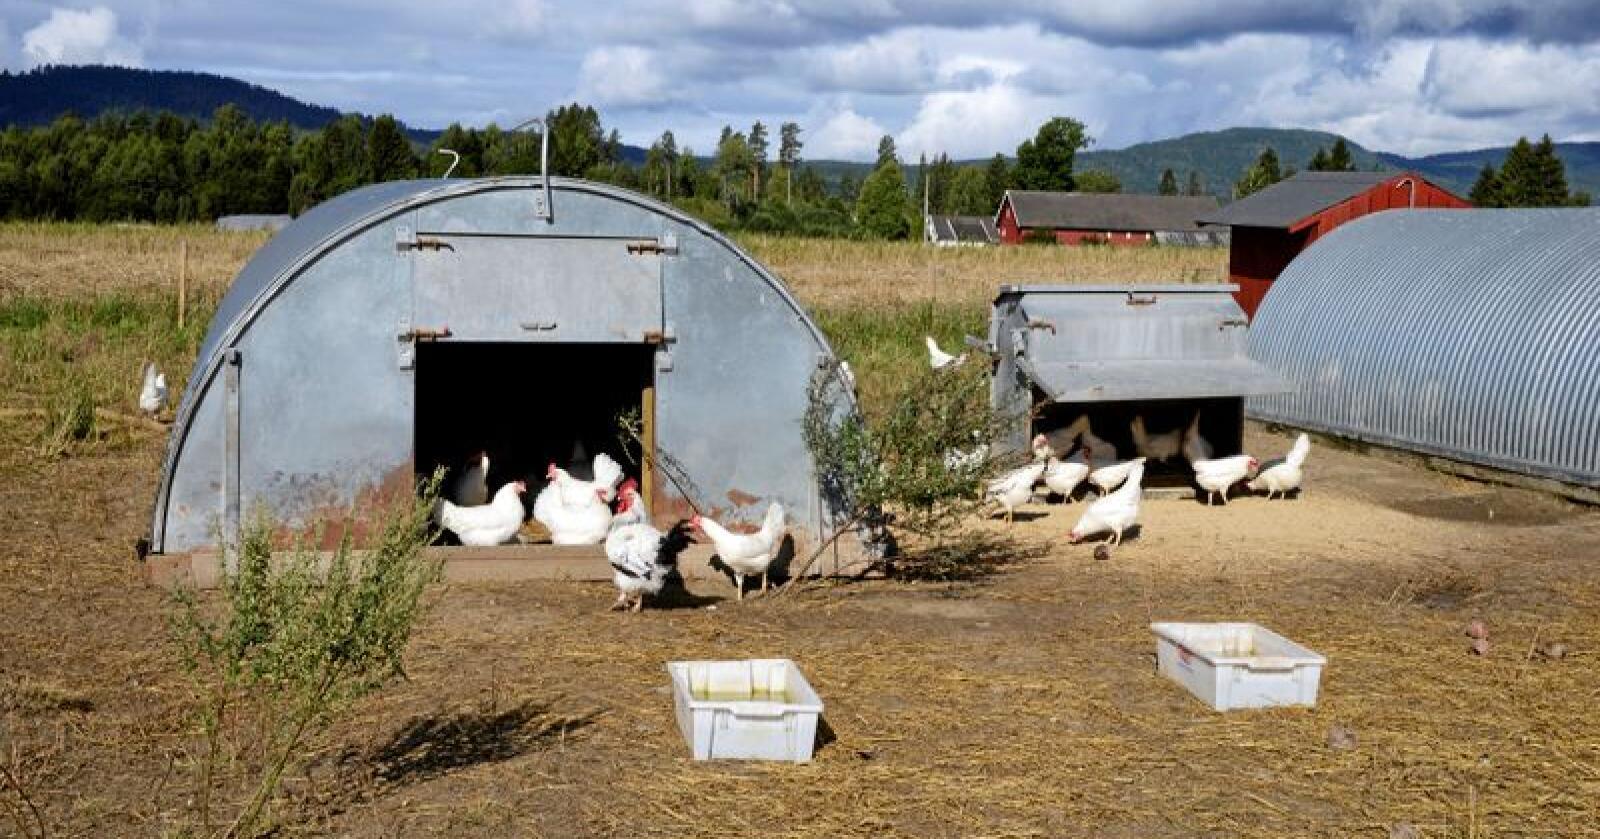 Dette bildet er fra Virgenes gård, andelsgård i Vestfold drevet av Tore Jardar J Wirgenes. Foto: Mariann Tvete